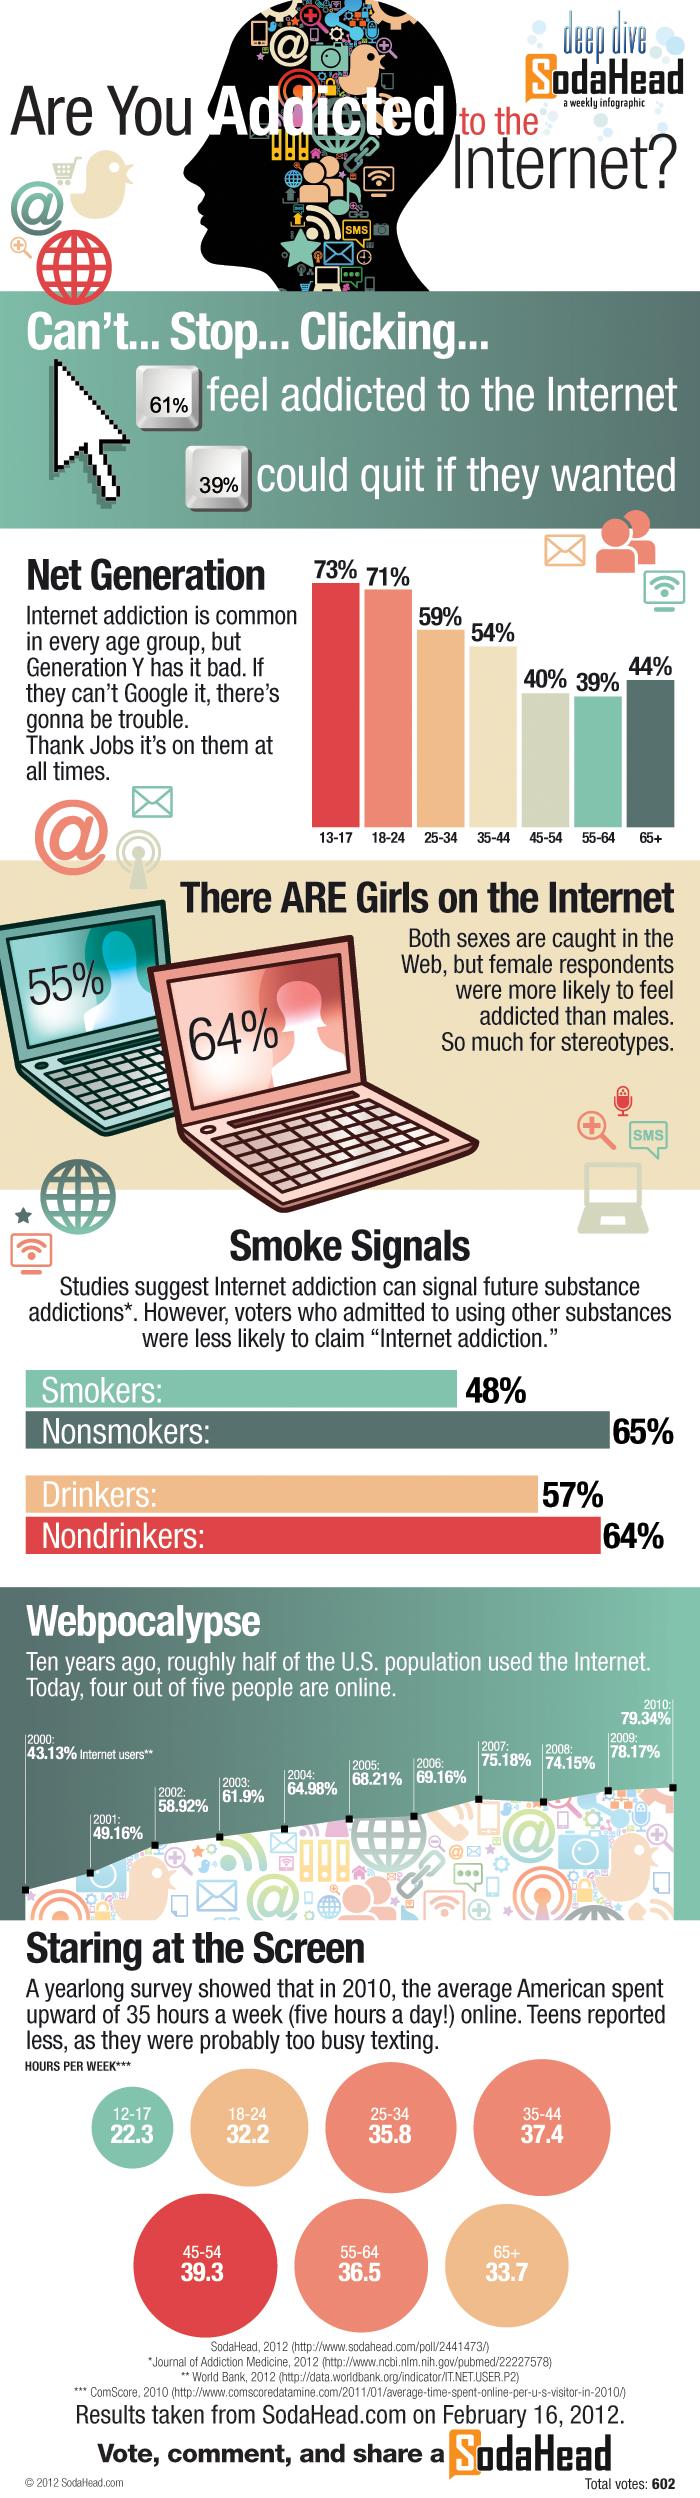 인터넷 중독